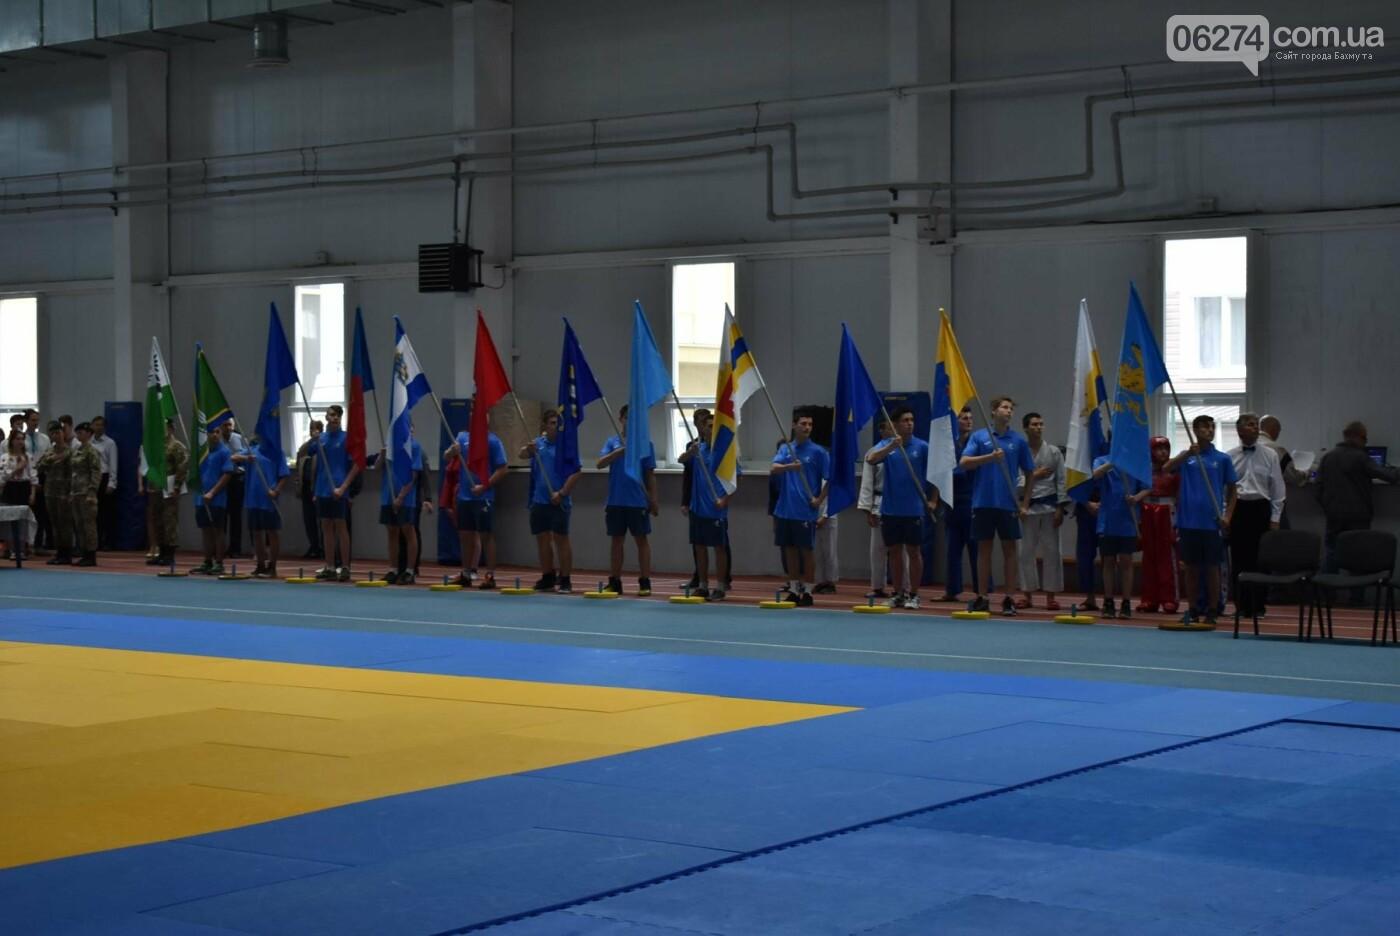 В Бахмуте презентовали спортсменов-олимпийцев Государственной пограничной службы Украины, фото-13